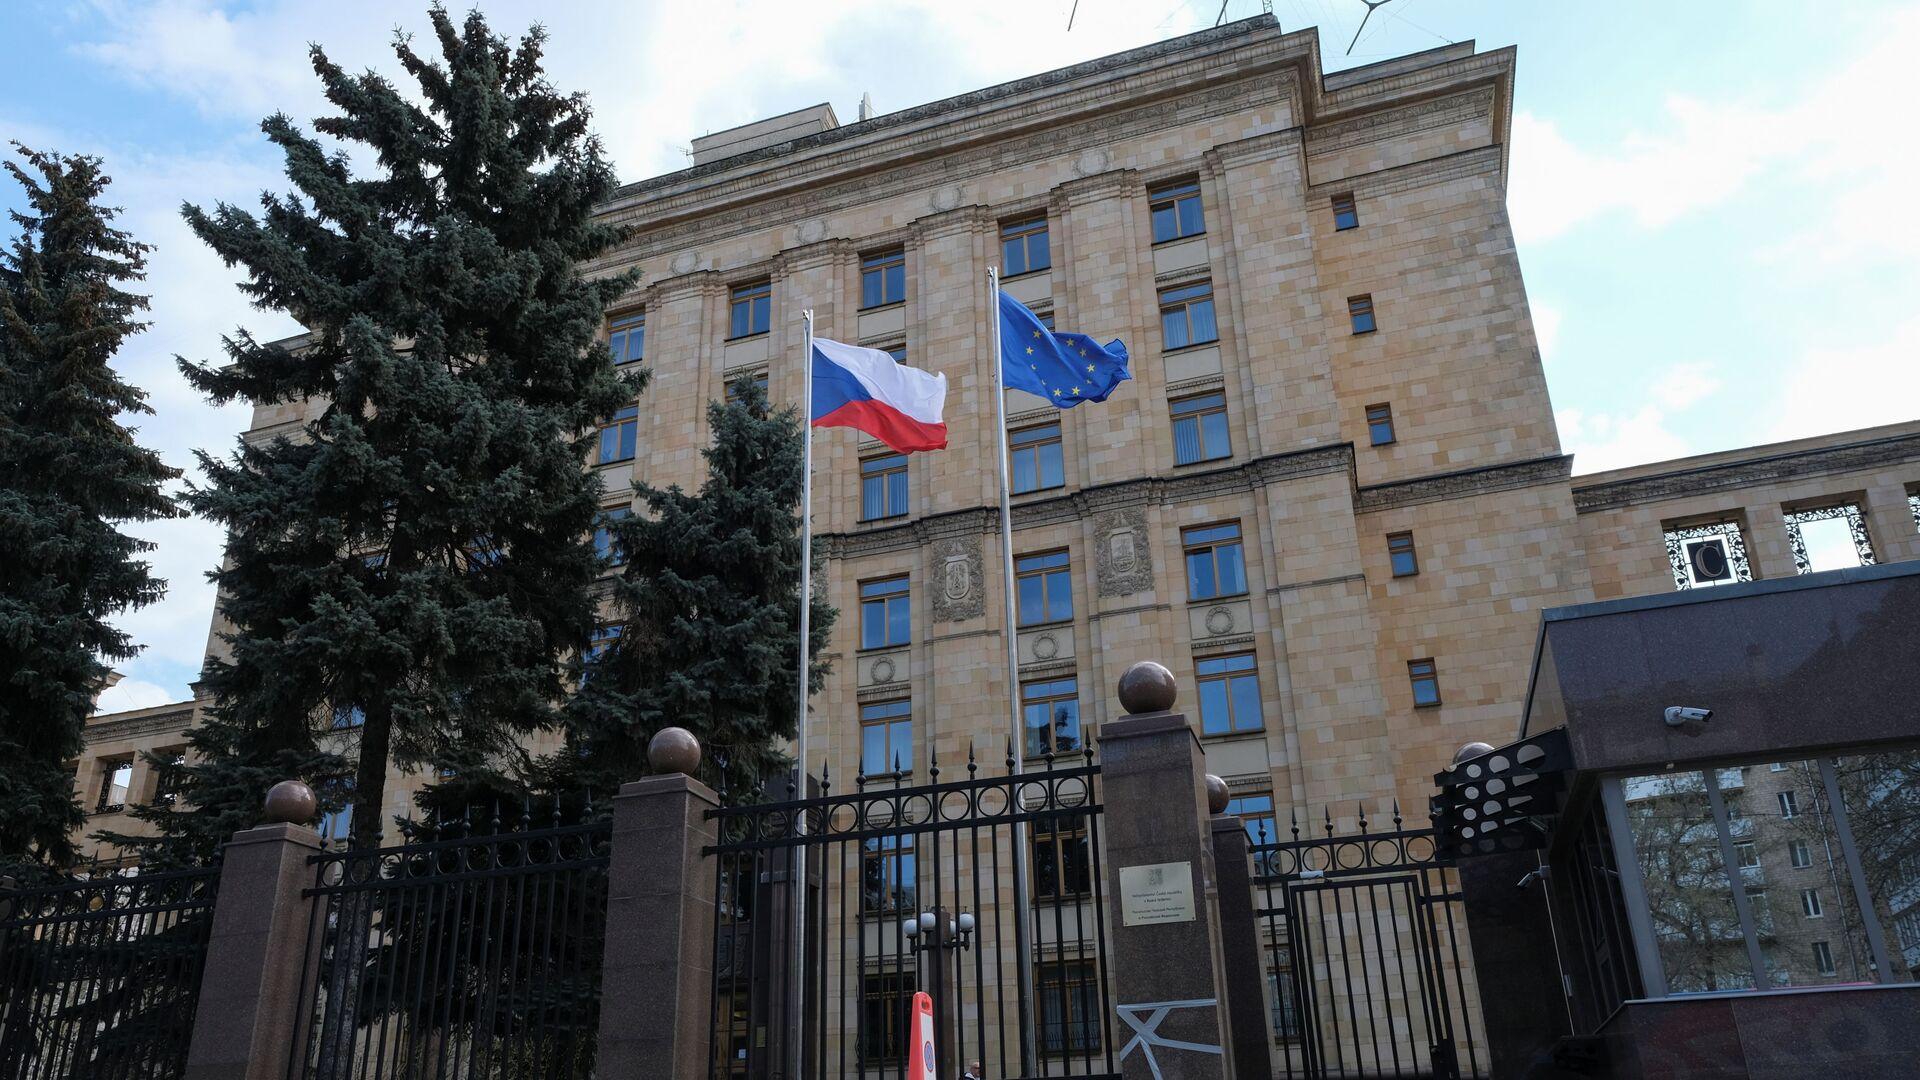 Здание посольства Чехии на улице Юлиуса Фучика в Москве - Sputnik Česká republika, 1920, 25.04.2021